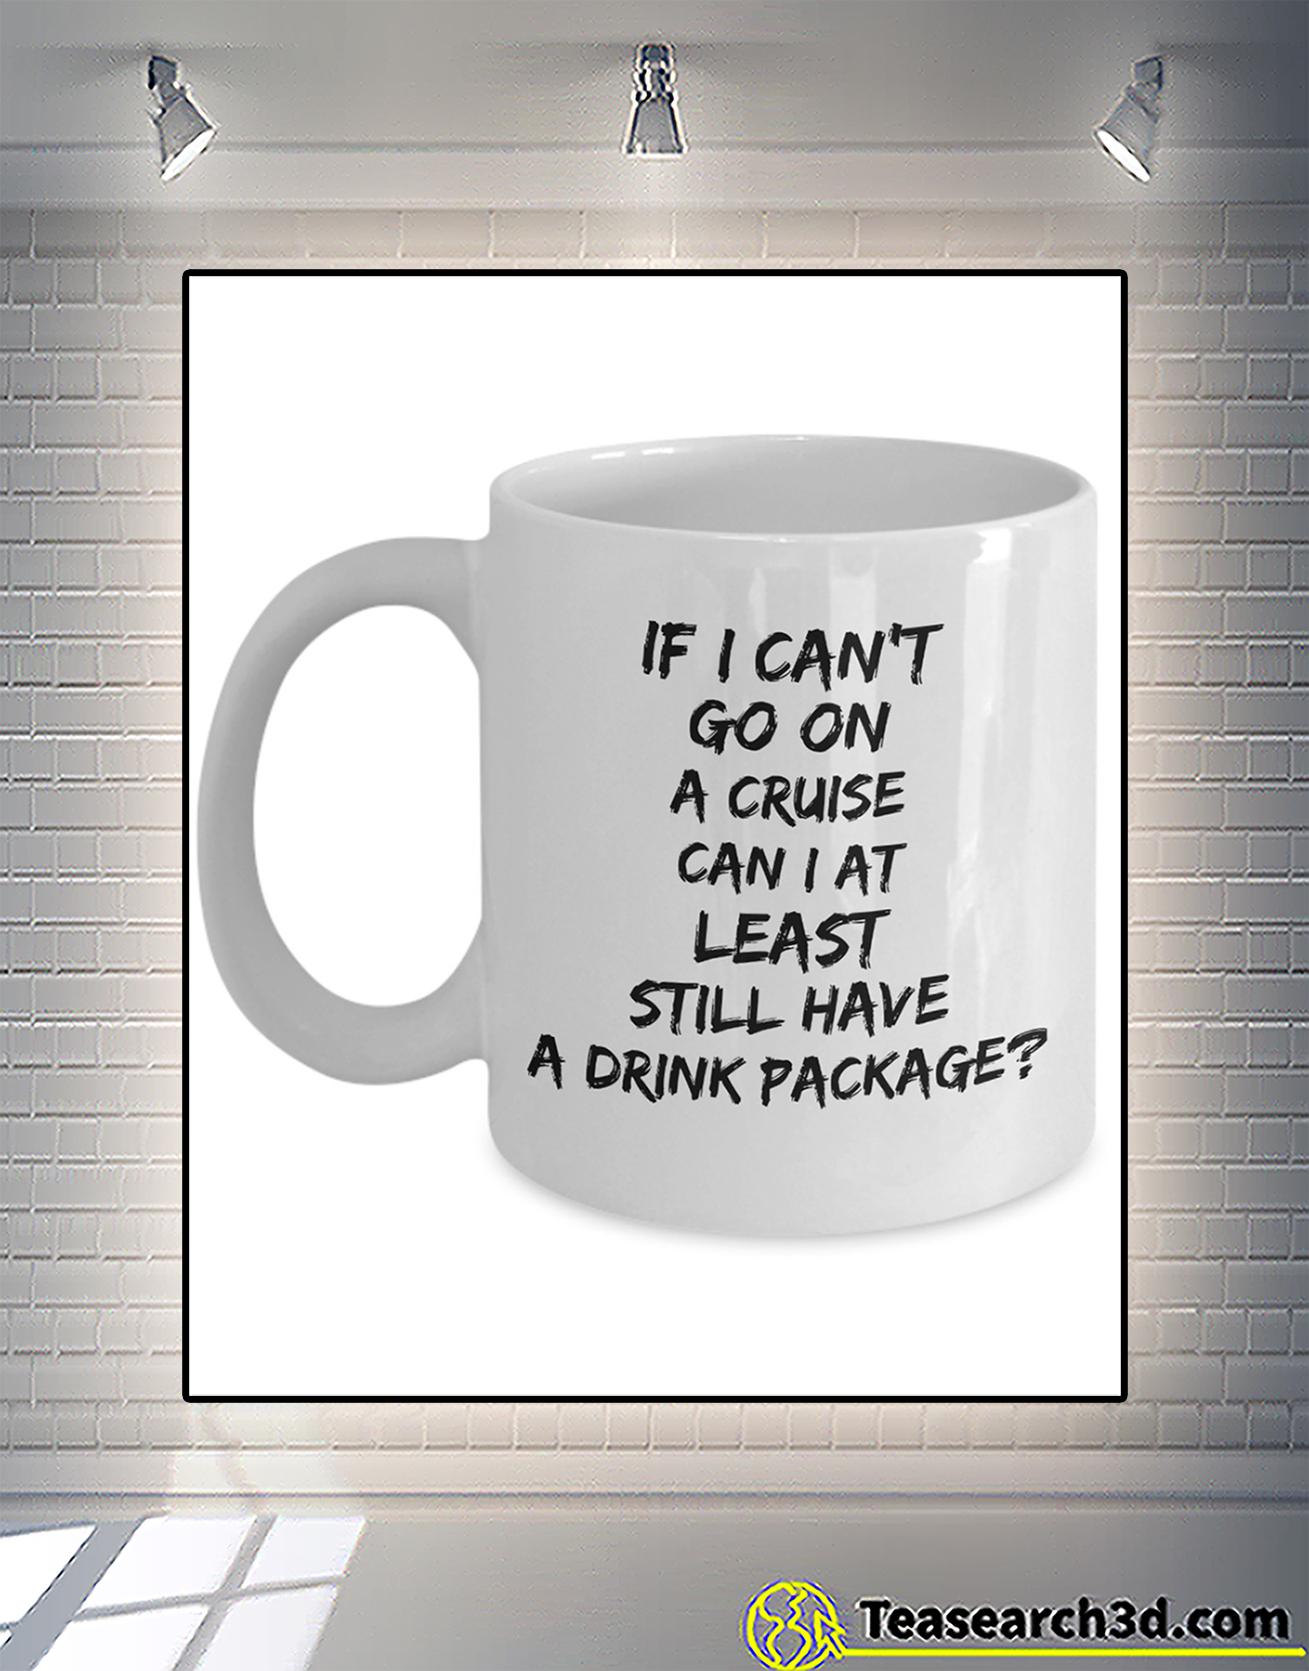 If I can't go on a cruise can I at least still have a drink package mug 2